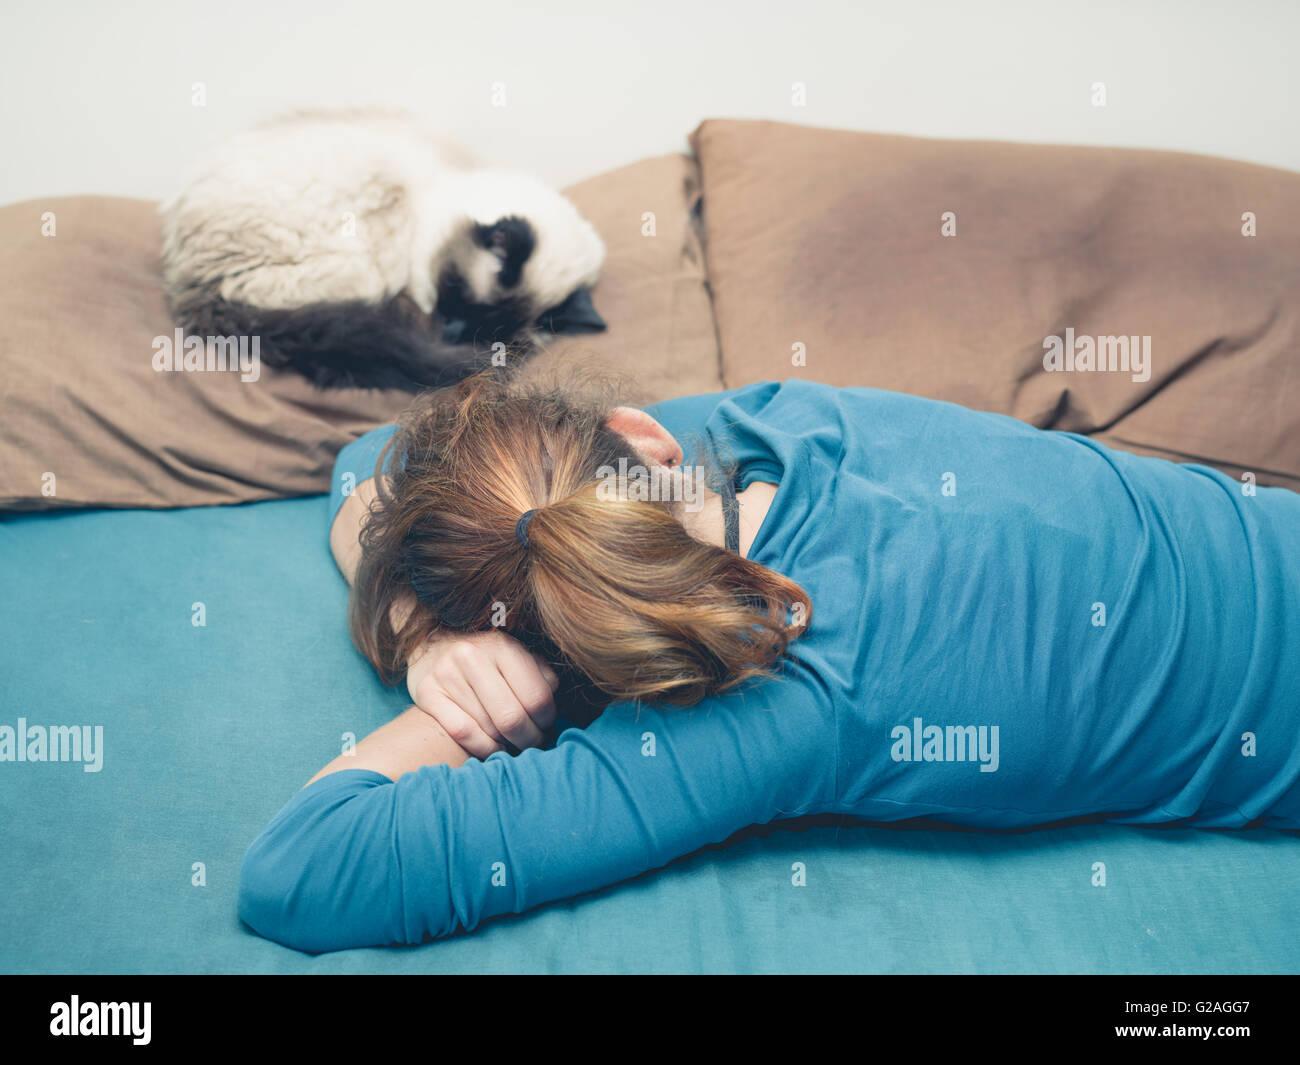 Una mujer joven está durmiendo en una cama con un gato junto a ella Imagen De Stock